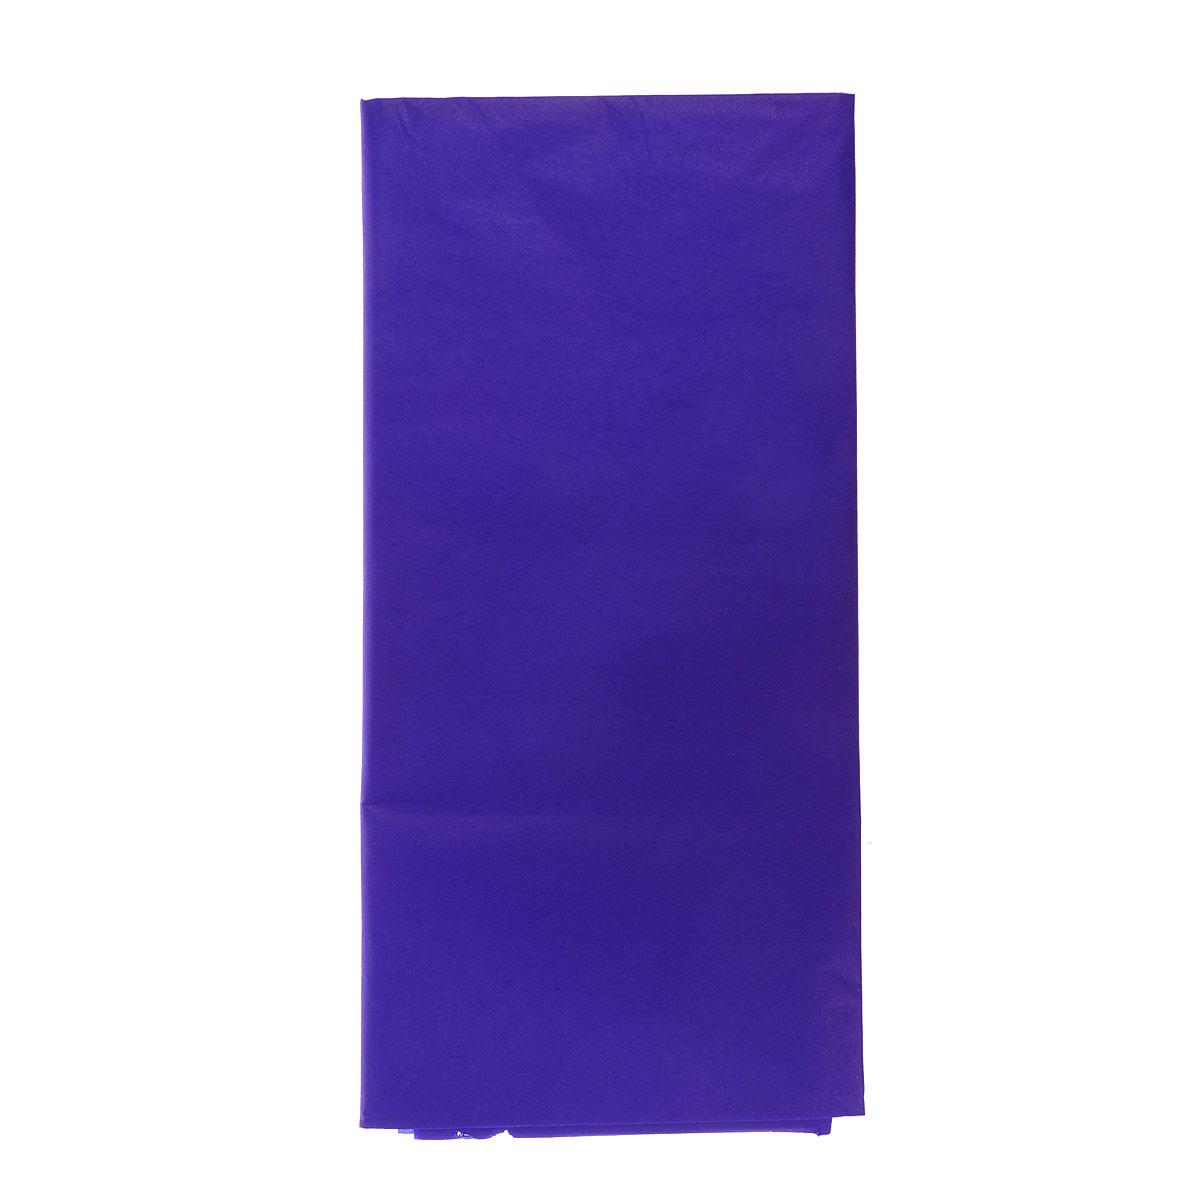 Бумага папиросная Folia, цвет: синий (34), 50 х 70 см, 5 листов. 7708123_347708123_34Бумага папиросная Folia - это великолепная тонкая и эластичная декоративная бумага. Такая бумага очень хороша для изготовления своими руками цветов и букетов с конфетами, топиариев, декорирования праздничных мероприятий. Также из нее получается шикарная упаковка для подарков. Интересный эффект дает сочетание мягкой полупрозрачной фактуры папиросной бумаги с жатыми и матовыми фактурами: креп-бумагой, тутовой и различными видами картона. Бумага очень тонкая, полупрозрачная - поэтому ее можно оригинально использовать в декоре стекла, светильников и гирлянд. Достаточно большие размеры листа и богатая цветовая палитра дают простор вашей творческой фантазии. Размер листа: 50 см х 70 см.Плотность: 20 г/м2.